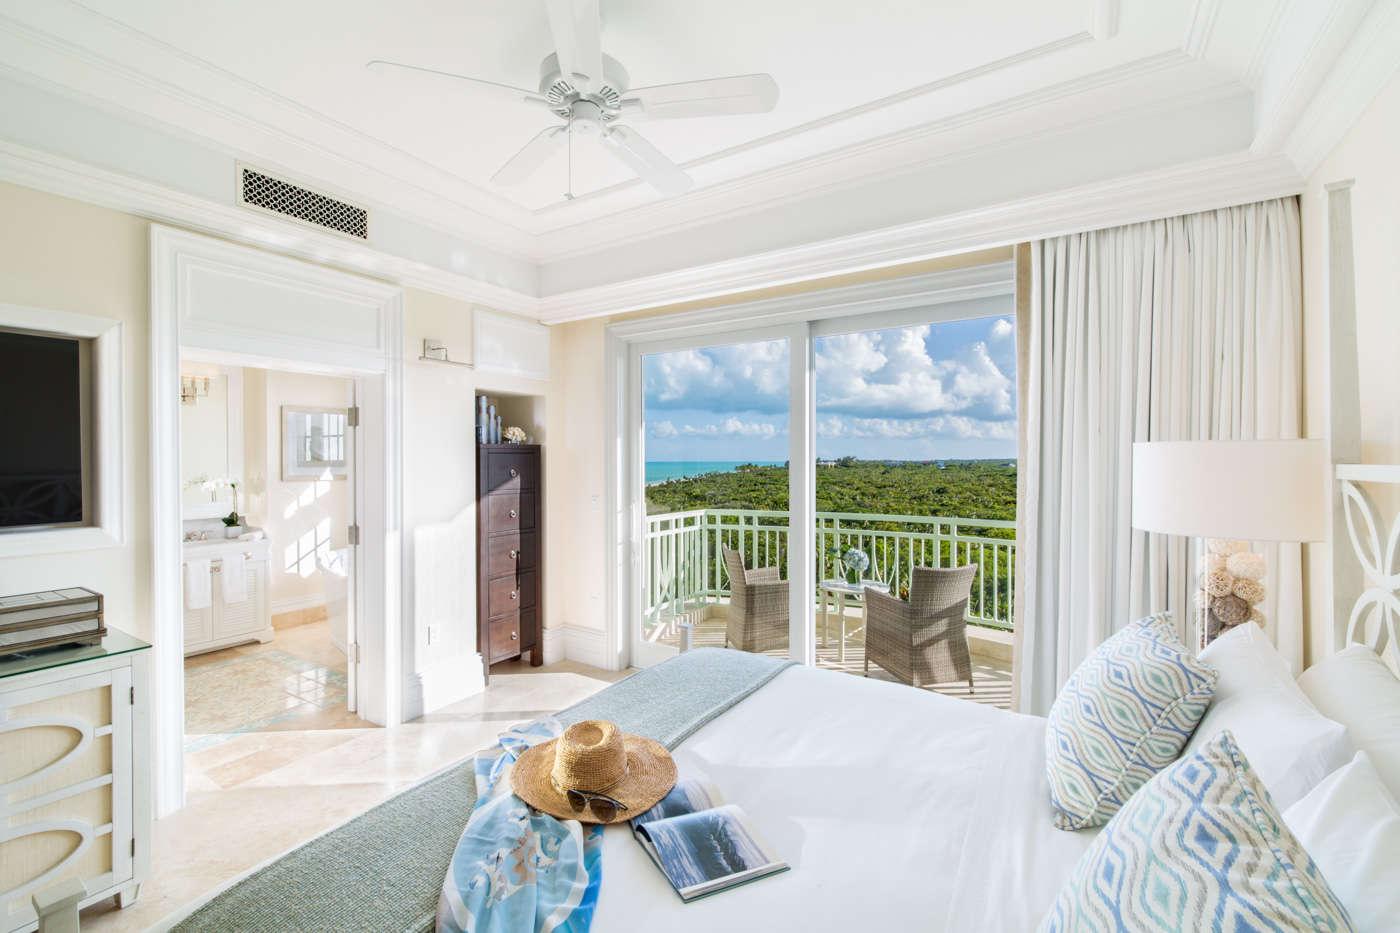 Luxury villa rentals caribbean - Turks and caicos - Providenciales - The shore club turks and caicos - Partial Ocean View Junior - Image 1/4